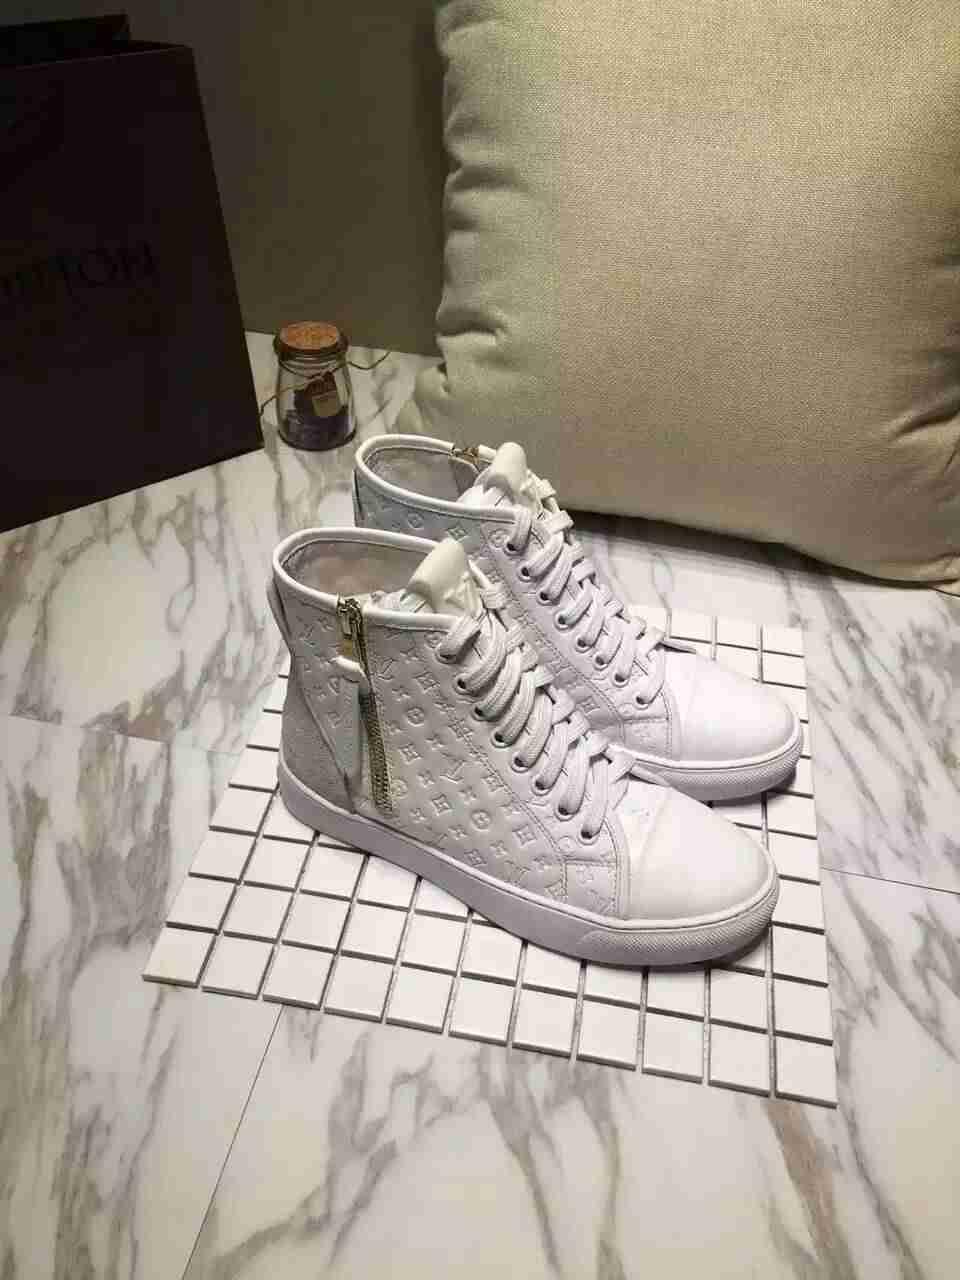 ルイヴィトンコピー 靴 Louis Vuitton 2016秋冬新作 レディース ハイカット スニーカー lvshoes161109,4